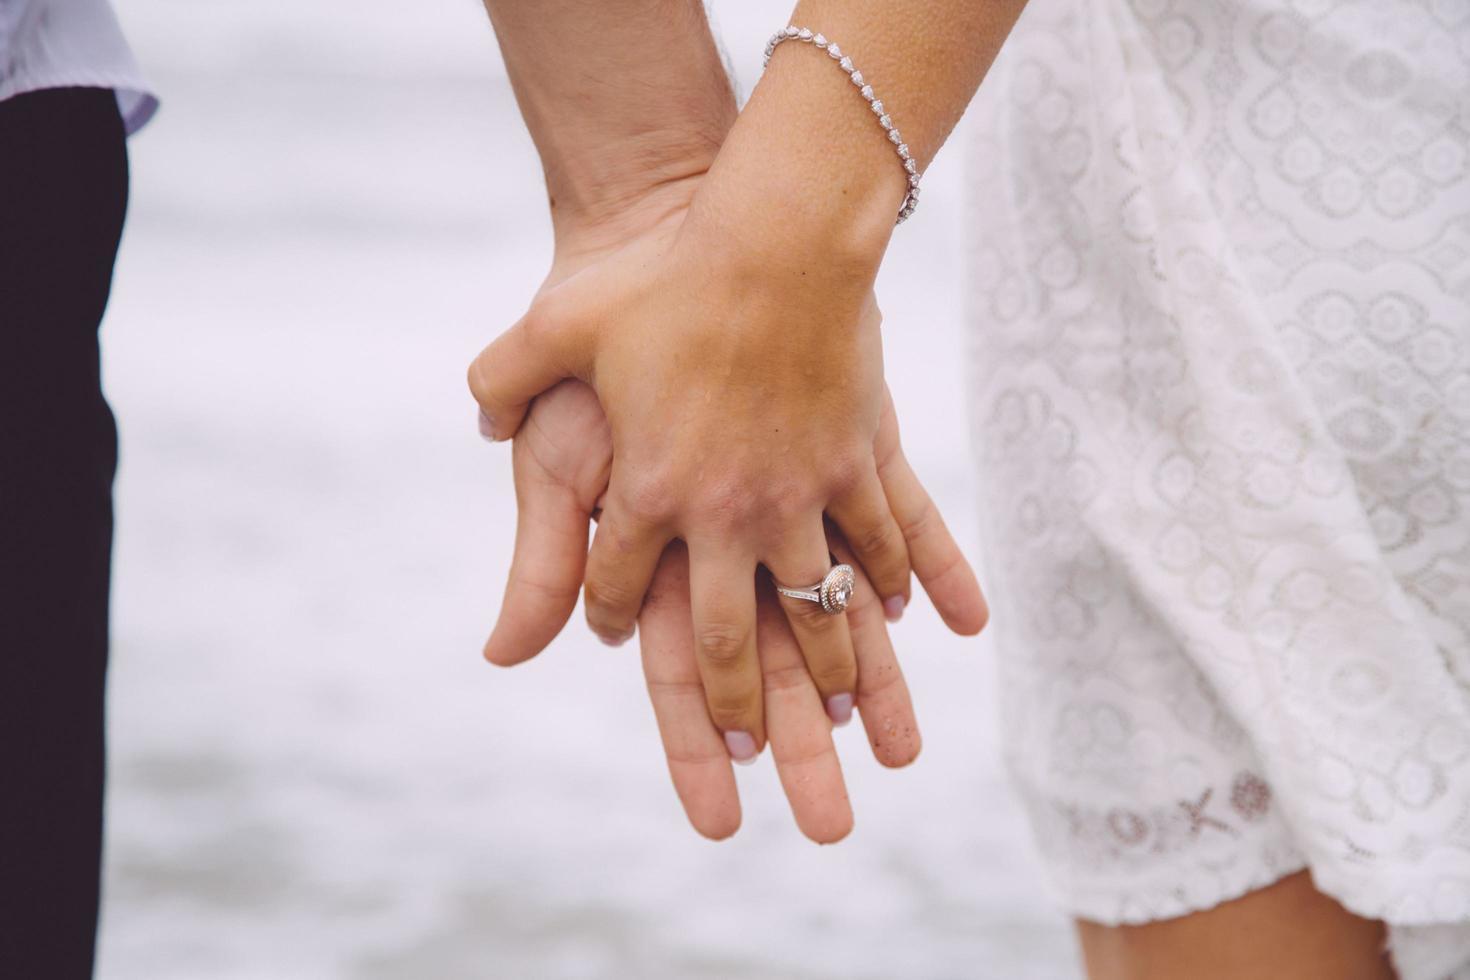 coppia sposata che si tiene per mano foto